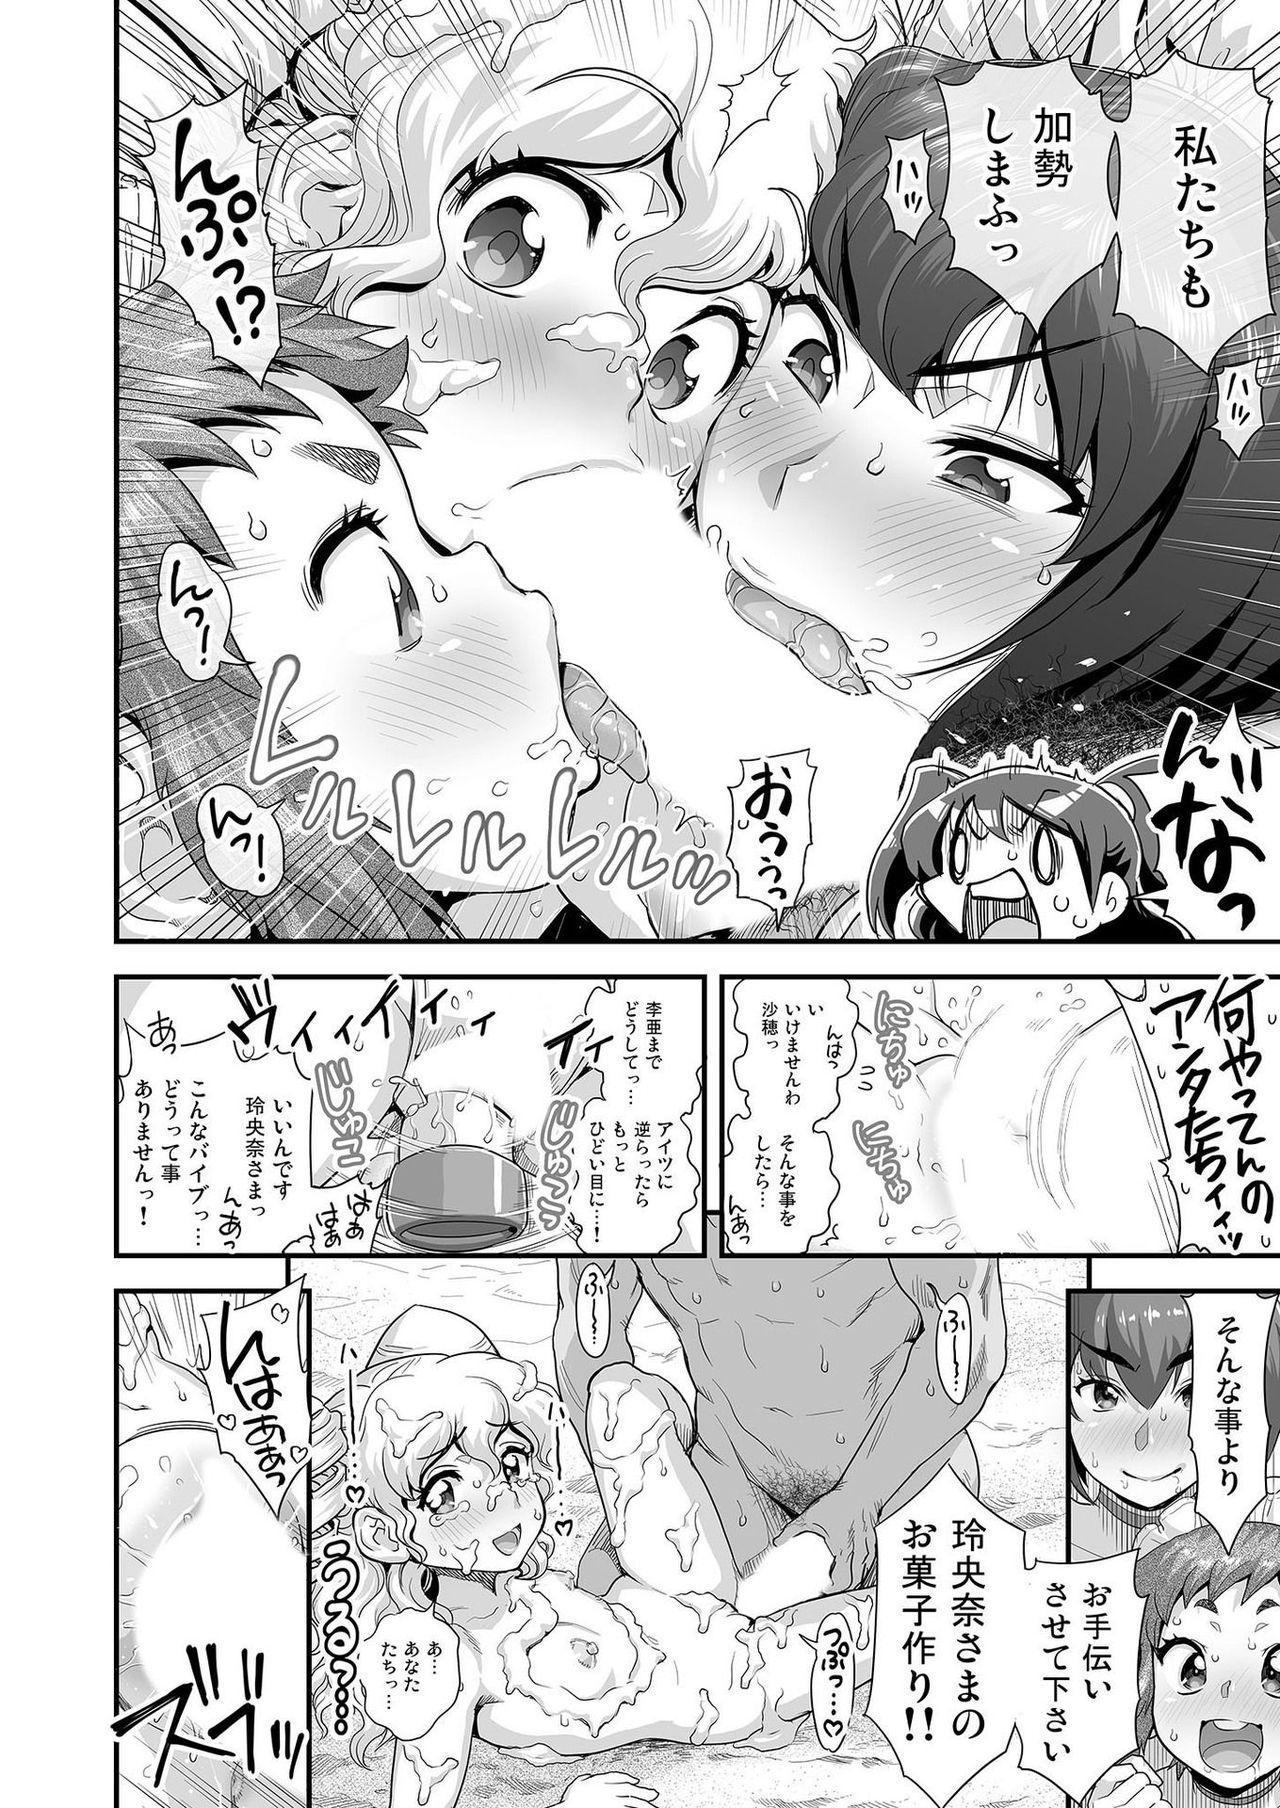 [Tamatsuyada, Satou Kimiatsu] Energy Kyo-ka!! ~Bakunyuu JK. Gachi Zeme Hatsujou Chuu!~ Omata de Nukarete Okuchi de Gokugoku? Yuujou to Fukujuu no Semen Gourmet Match!? 14